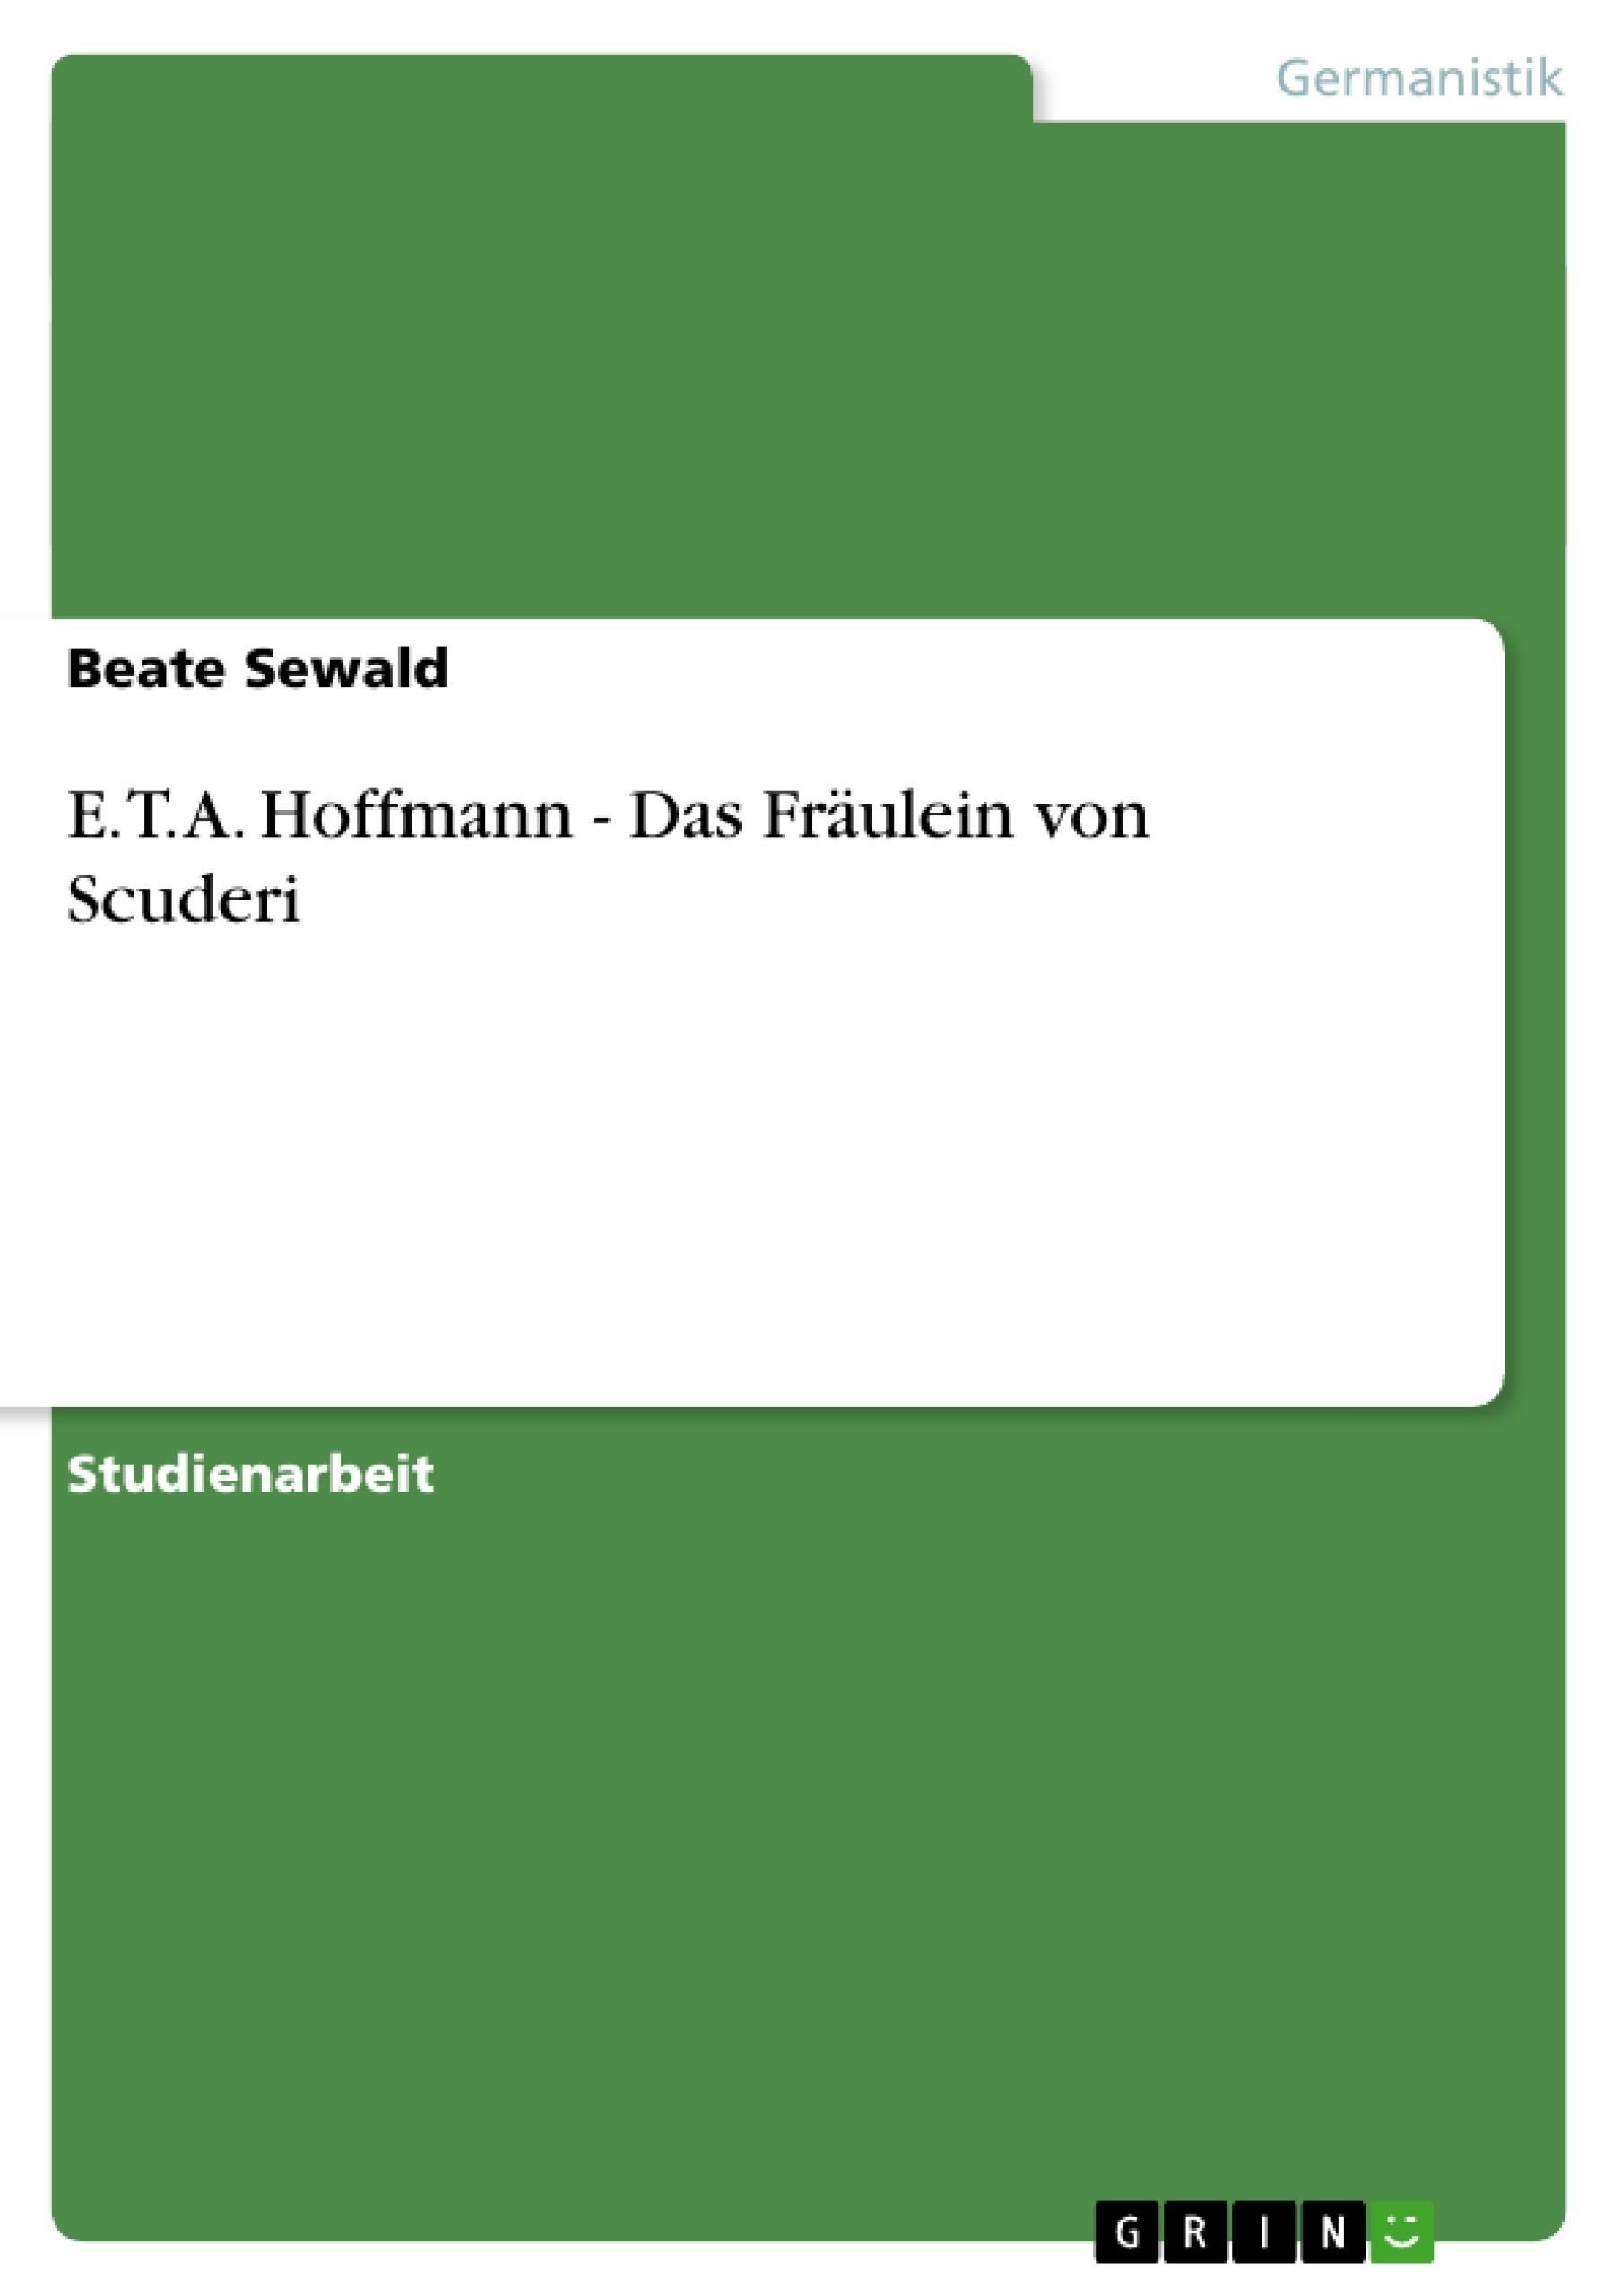 Titel: E. T. A. Hoffmann - Das Fräulein von Scuderi